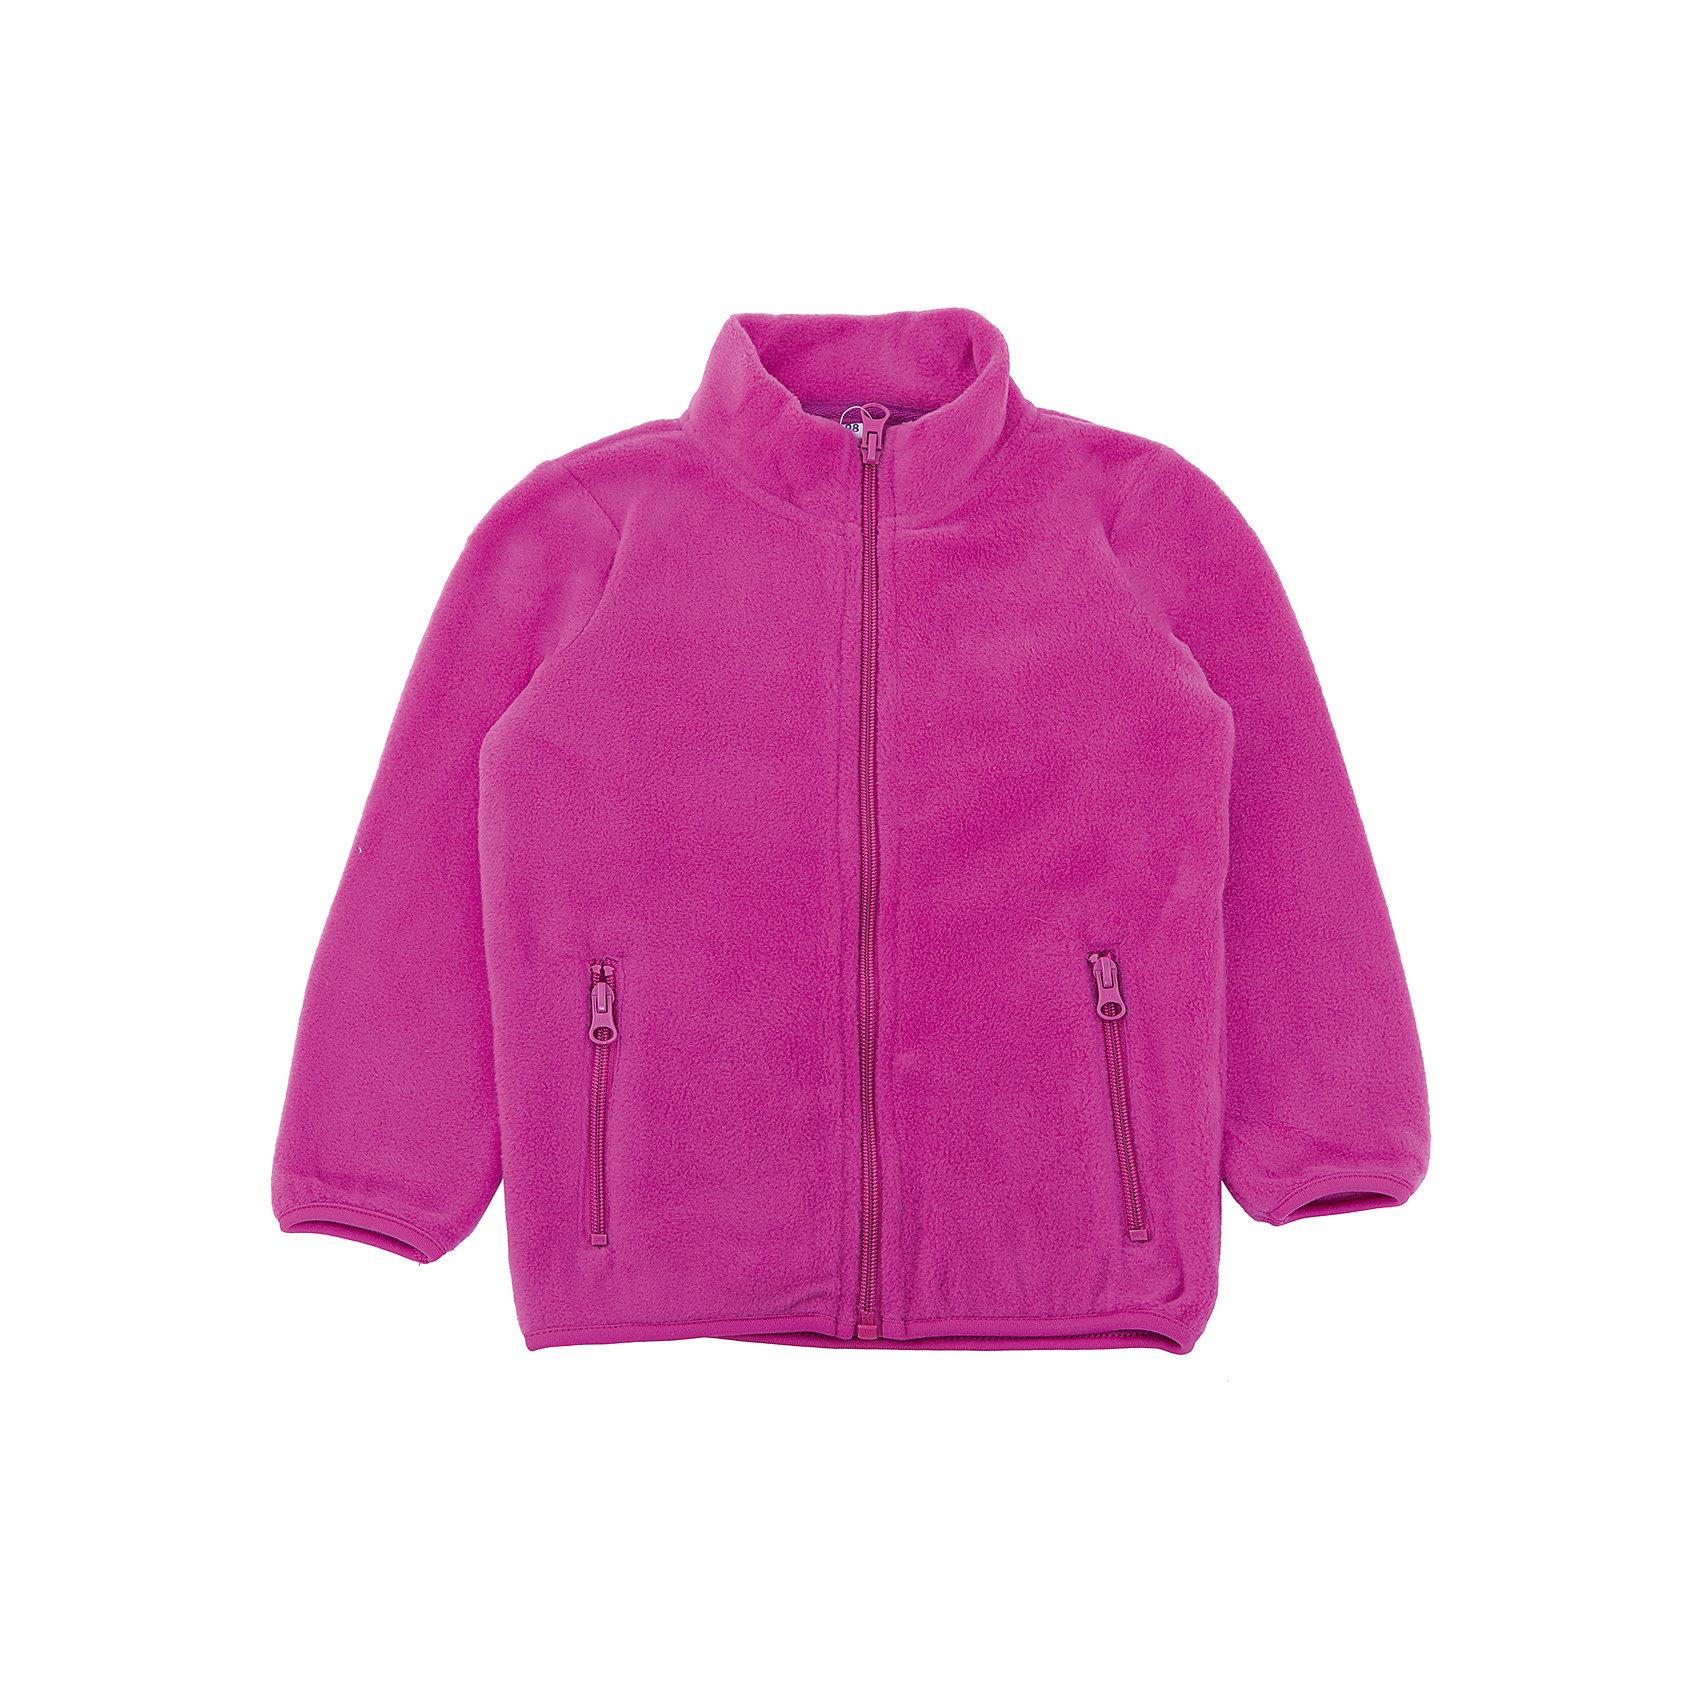 Куртка PlayToday для девочкиФлис и термобелье<br>Куртка PlayToday для девочки<br>Куртка из мягкого флиса - отлично подойдет в качестве второго слоя для прогулок в холодную погоду. Модель на молнии. Специальный карман для бегунка не позволит застежке травмитровать нежную детскую кожу. Высокий воротник - стойка защитит горло ребенка. Манжеты и низ изделия на мягкой резинке.<br>Состав:<br>100% полиэстер<br><br>Ширина мм: 356<br>Глубина мм: 10<br>Высота мм: 245<br>Вес г: 519<br>Цвет: розовый<br>Возраст от месяцев: 24<br>Возраст до месяцев: 36<br>Пол: Женский<br>Возраст: Детский<br>Размер: 98,128,122,116,110,104<br>SKU: 7115867